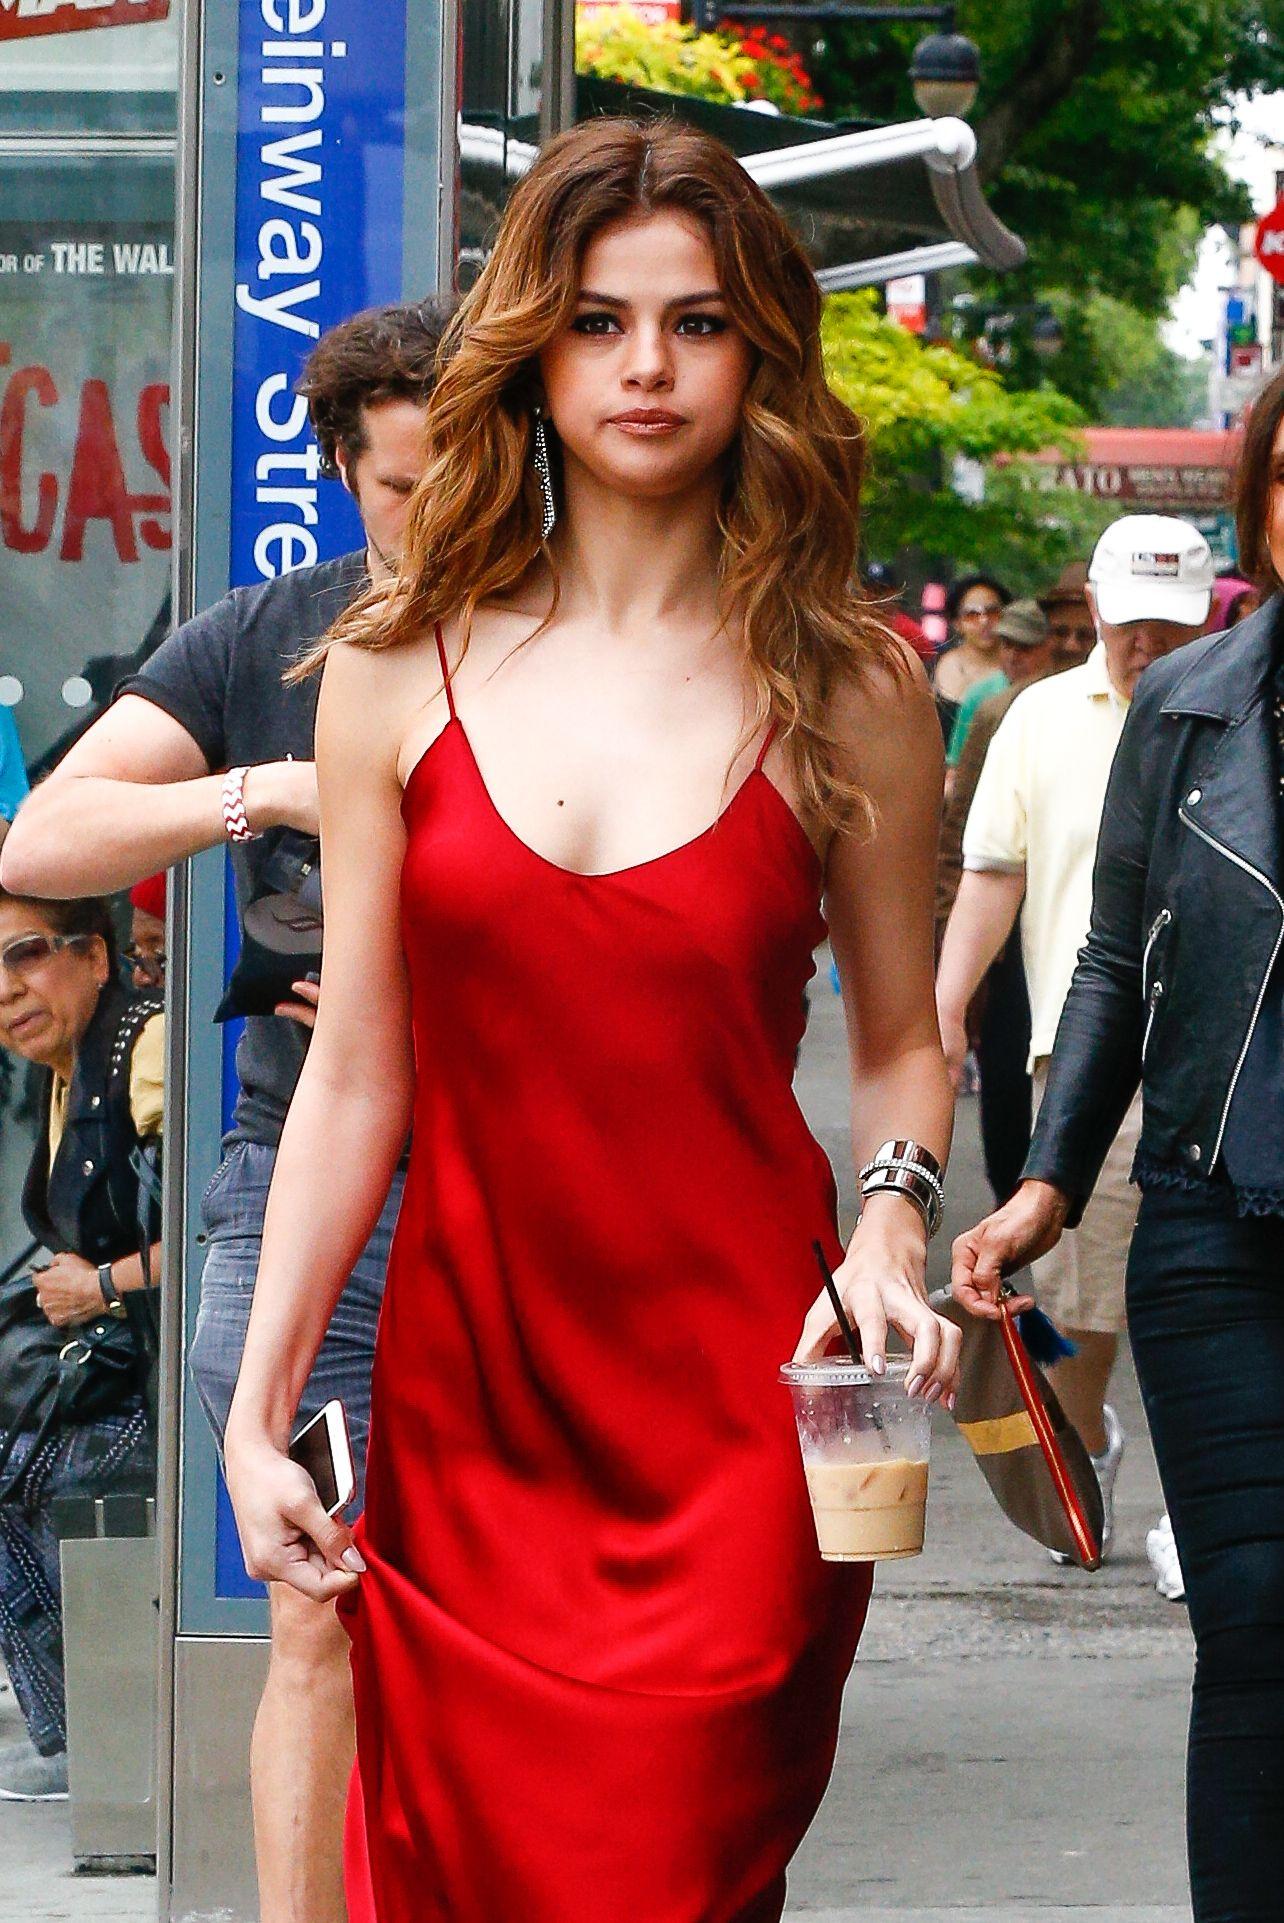 Selena Gomez – photo shoot in NYC June 2016 | Selena Gomez ...